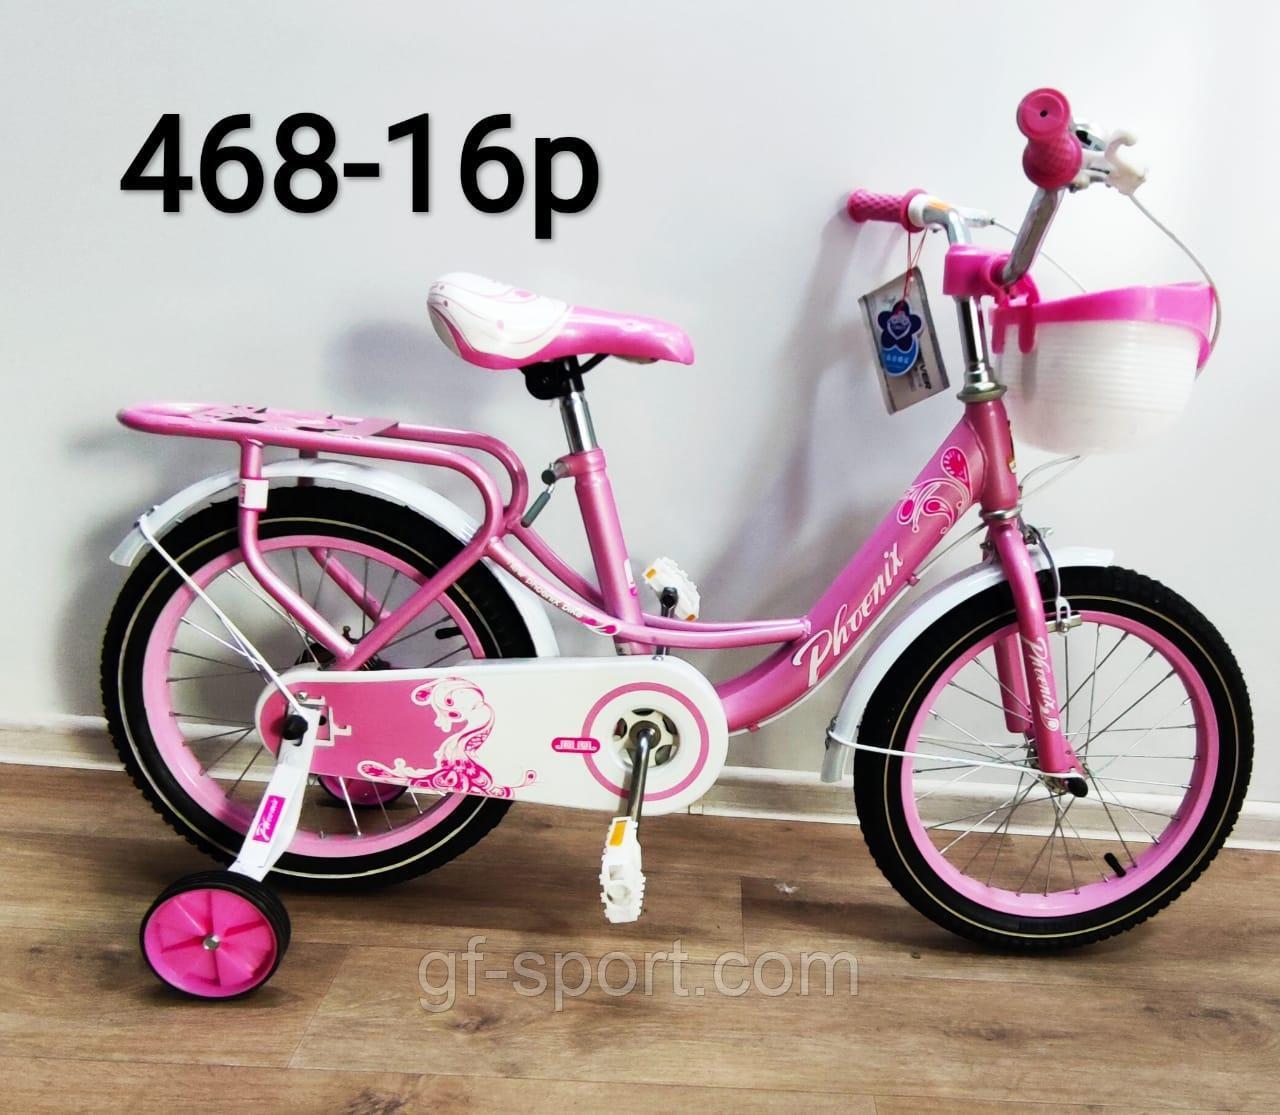 Велосипед Phoenix для девочек розовый оригинал детский с холостым ходом 16 размер